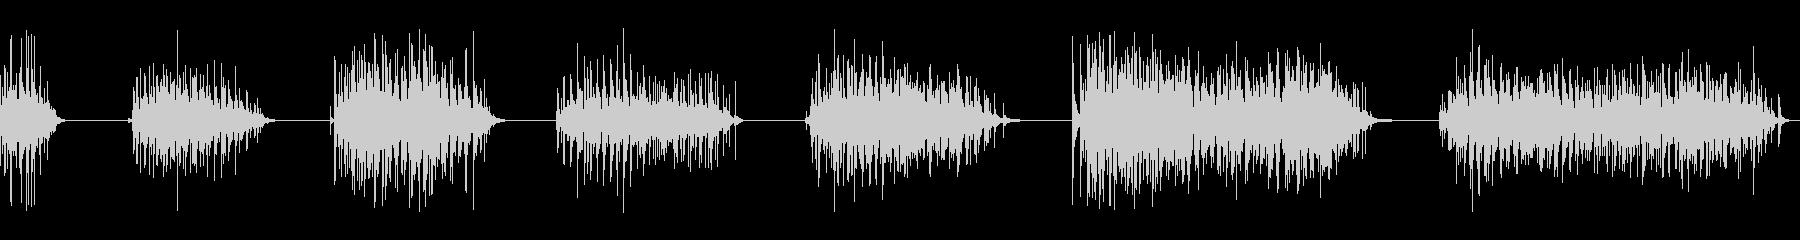 拍手、32人、3バージョン; DI...の未再生の波形